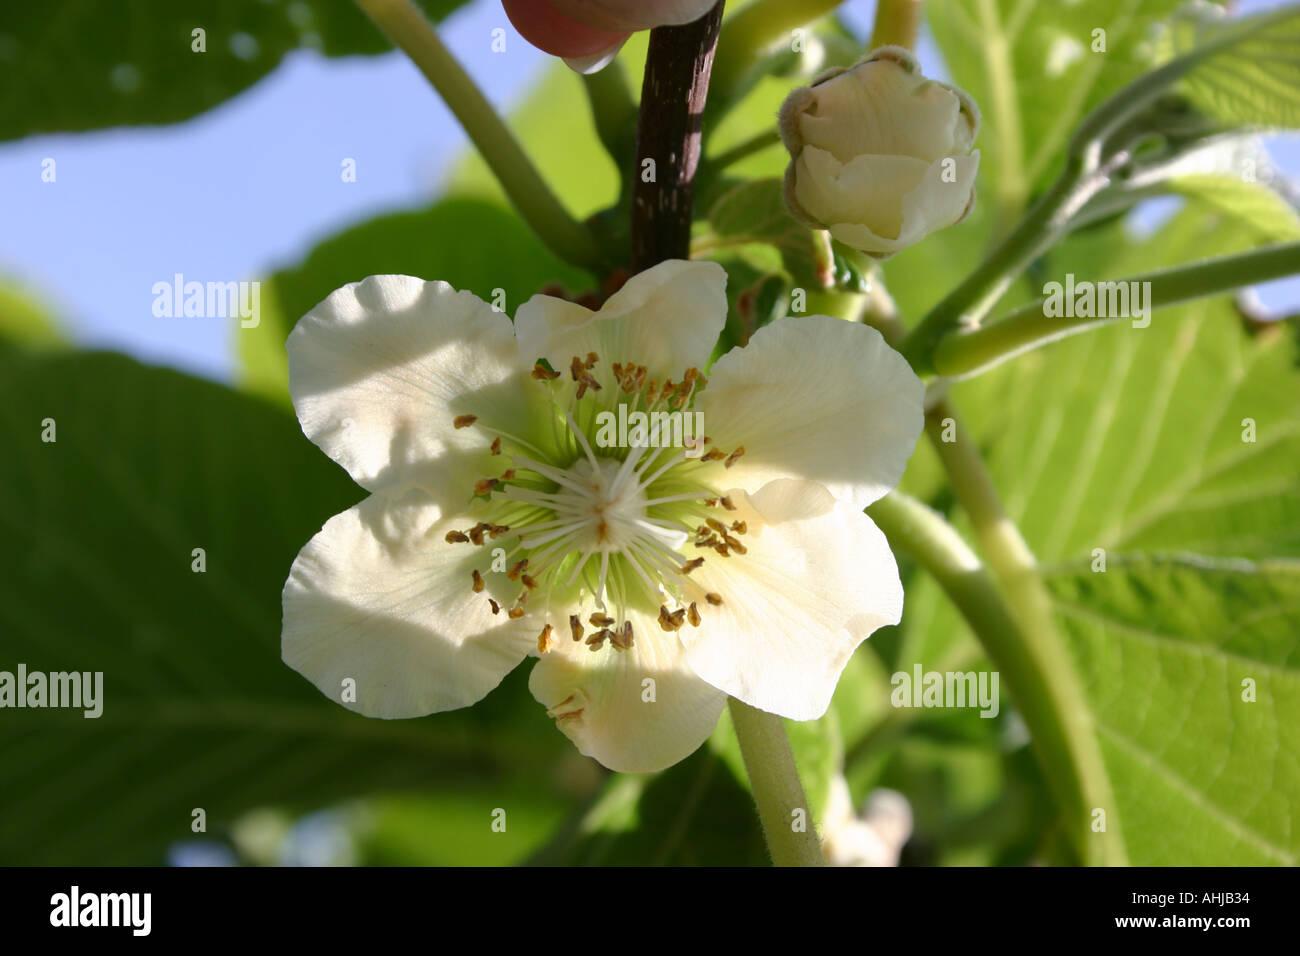 Kiwi Plant Flowering The Fruit Symbol Of New Zealand Stock Photo